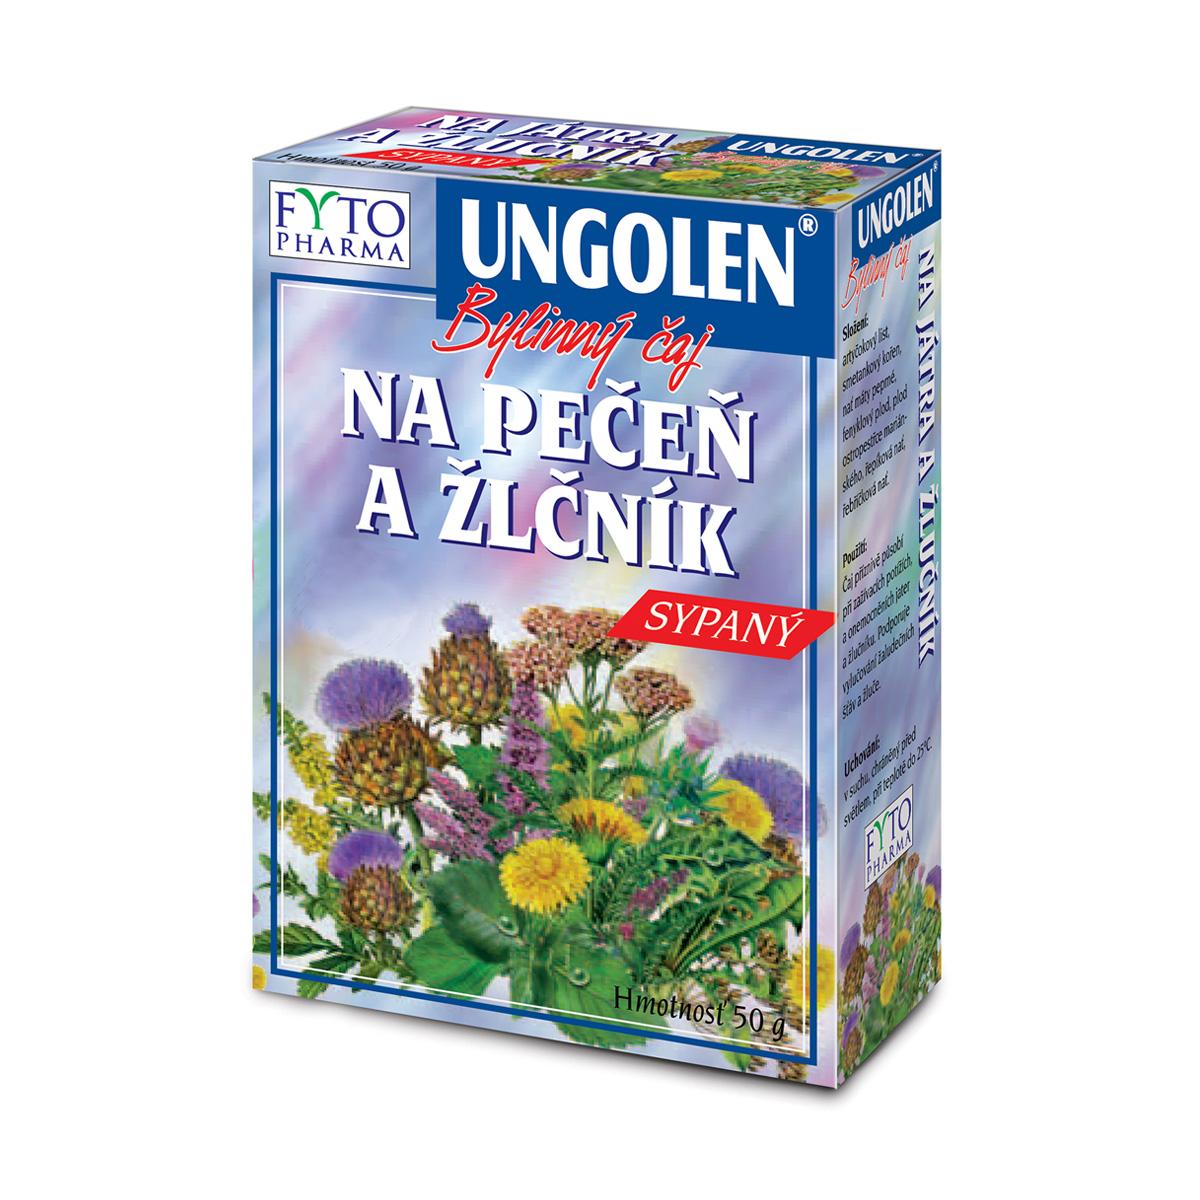 Fytopharma UNGOLEN® bylinný čaj na játra a žlučník 50 g